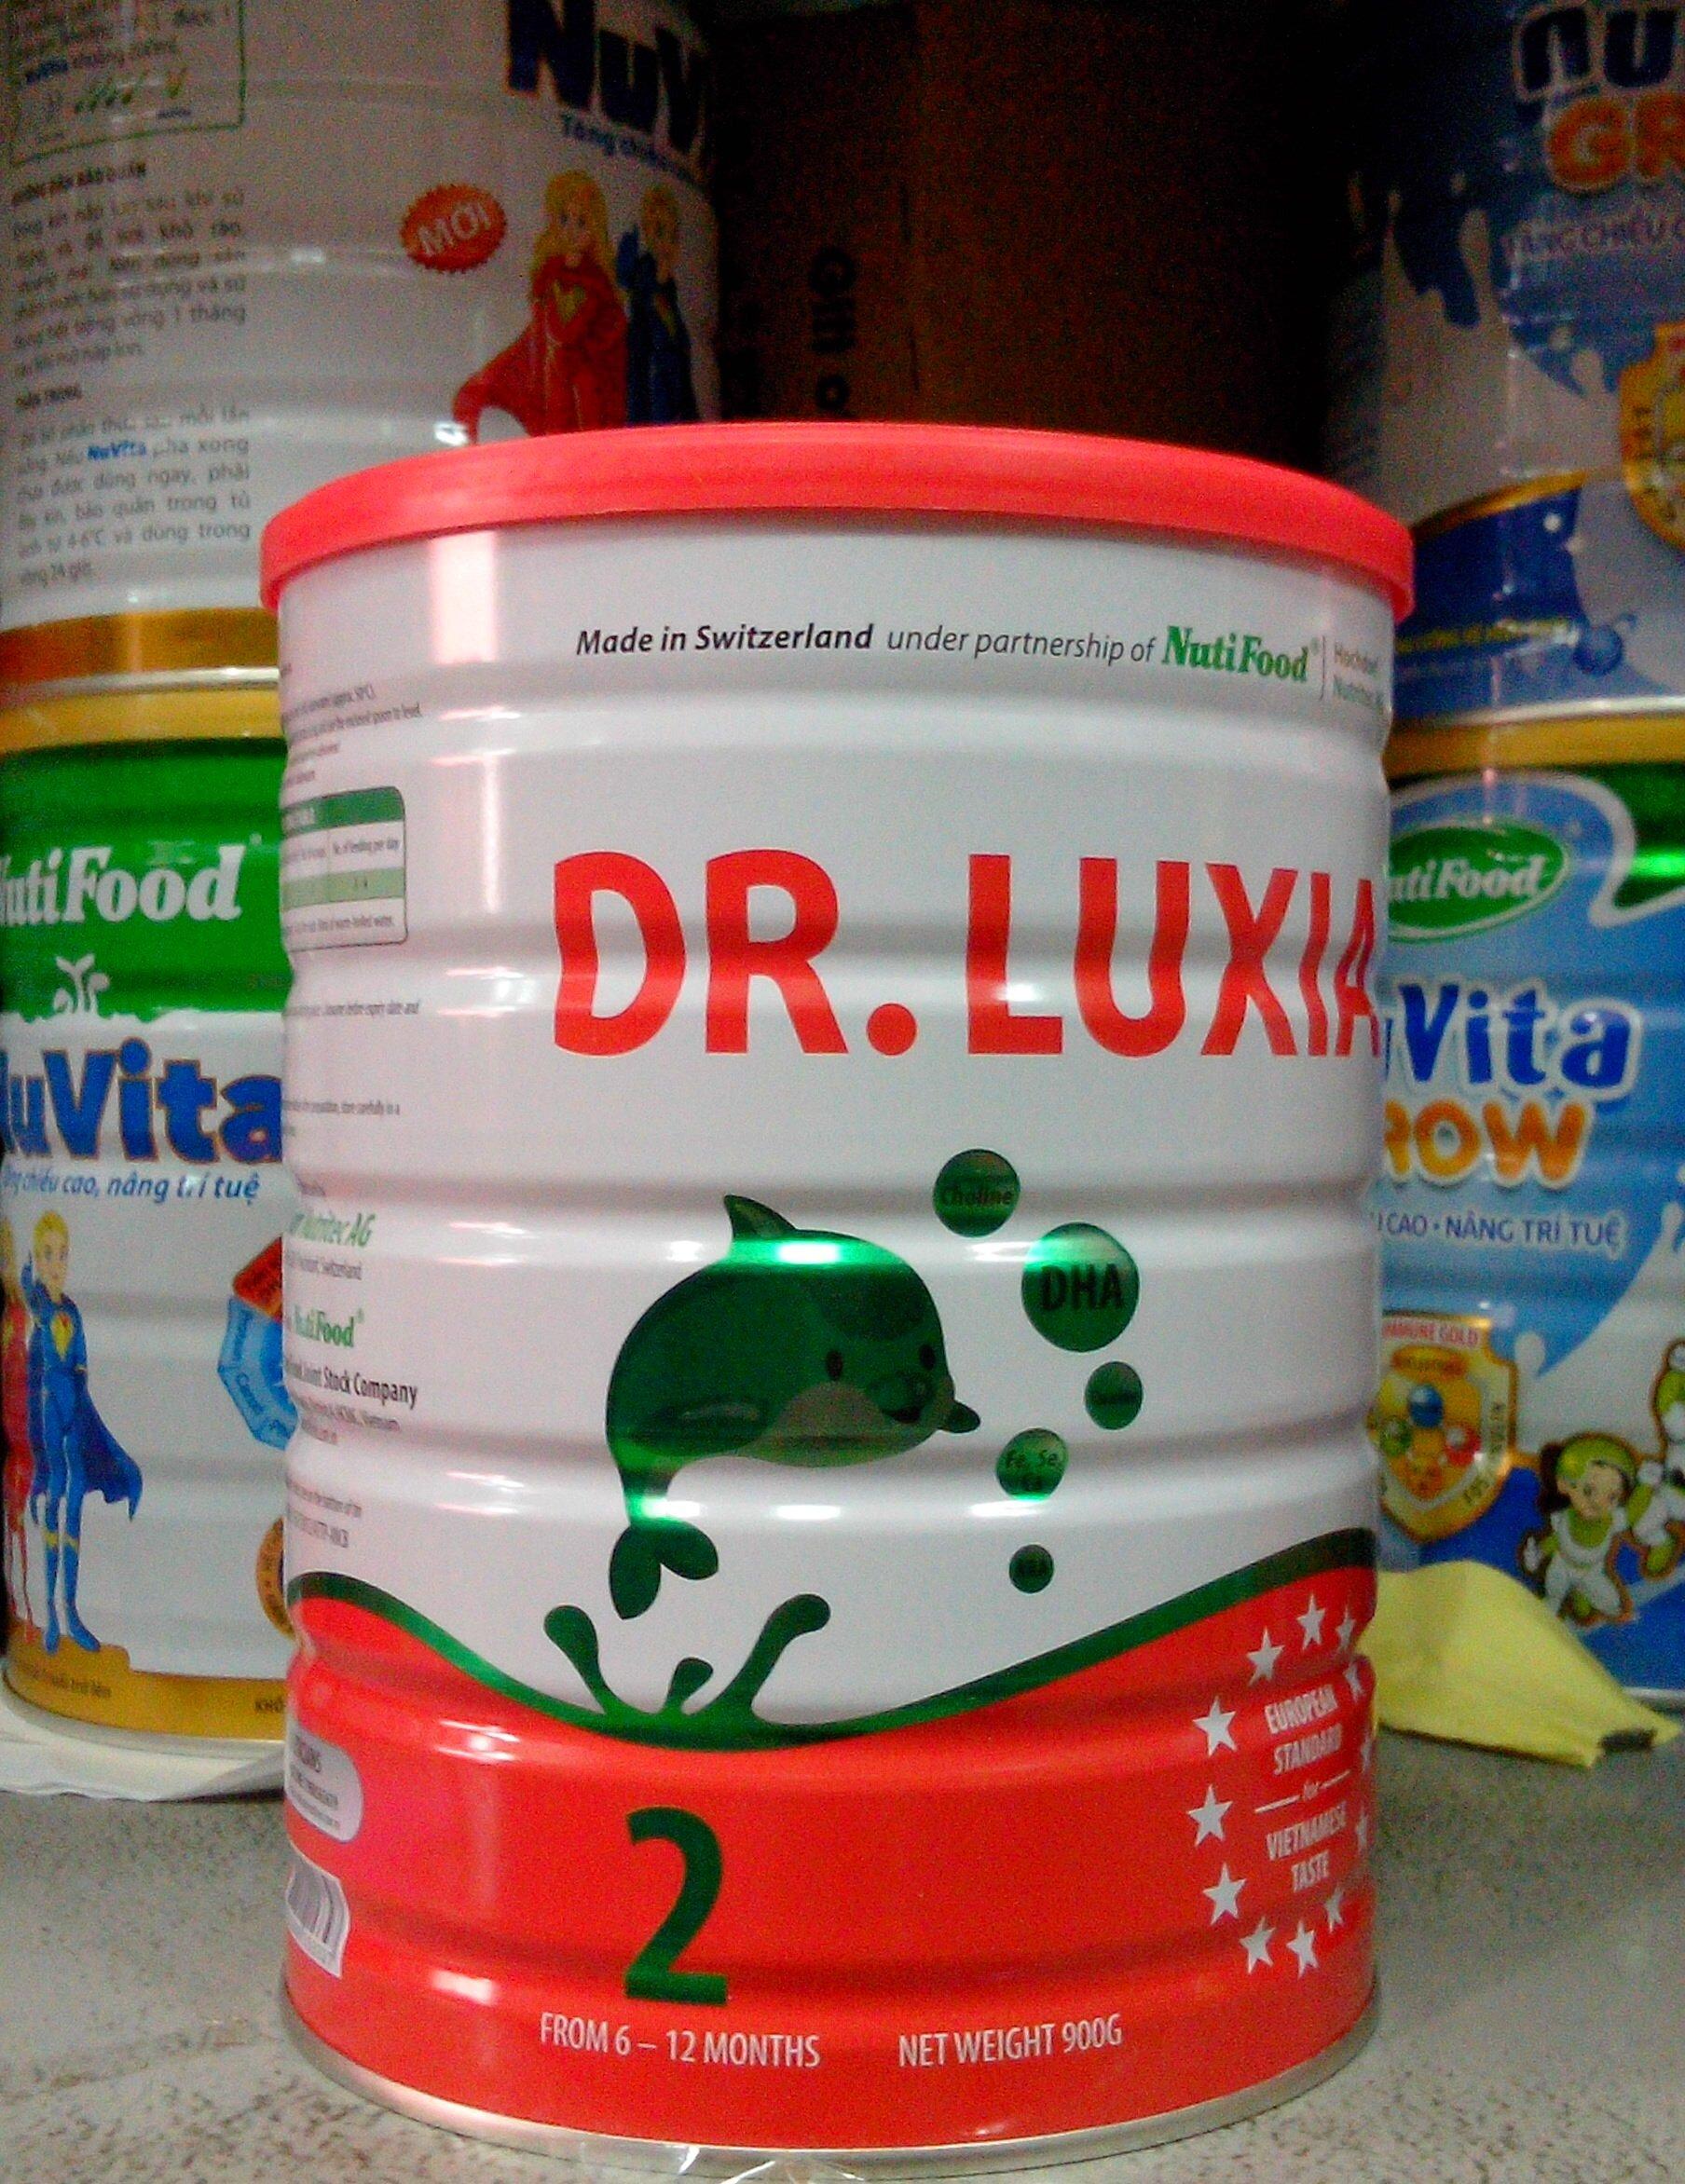 Sữa bột Nutifood DR.Luxia 2 - hộp 900g (dành cho trẻ 6 - 12 tháng)